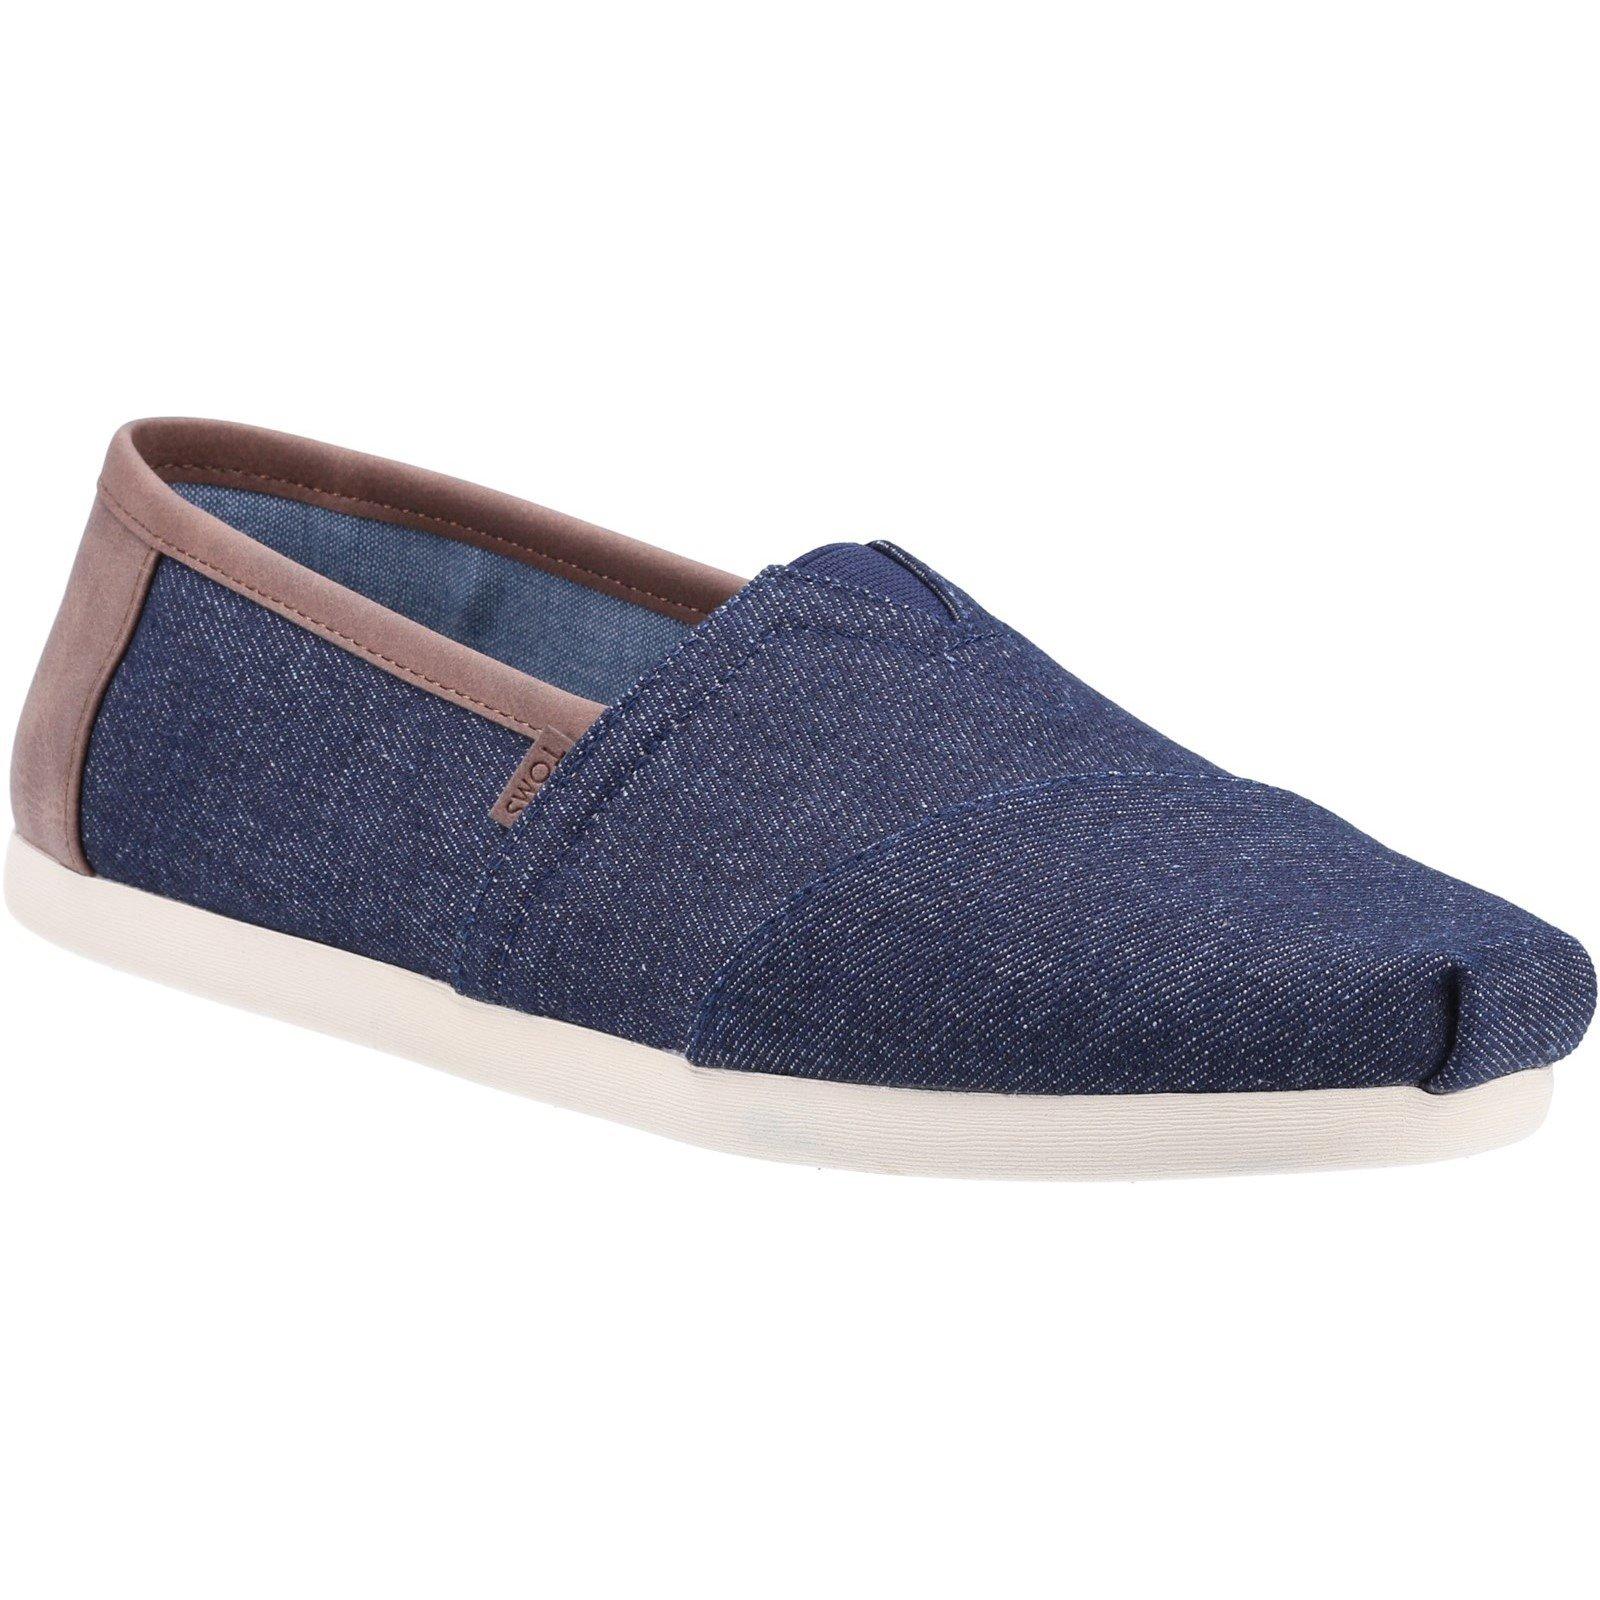 TOMS Men's Alpargata Dark Denim Trim Loafer Blue 32548 - Blue 11